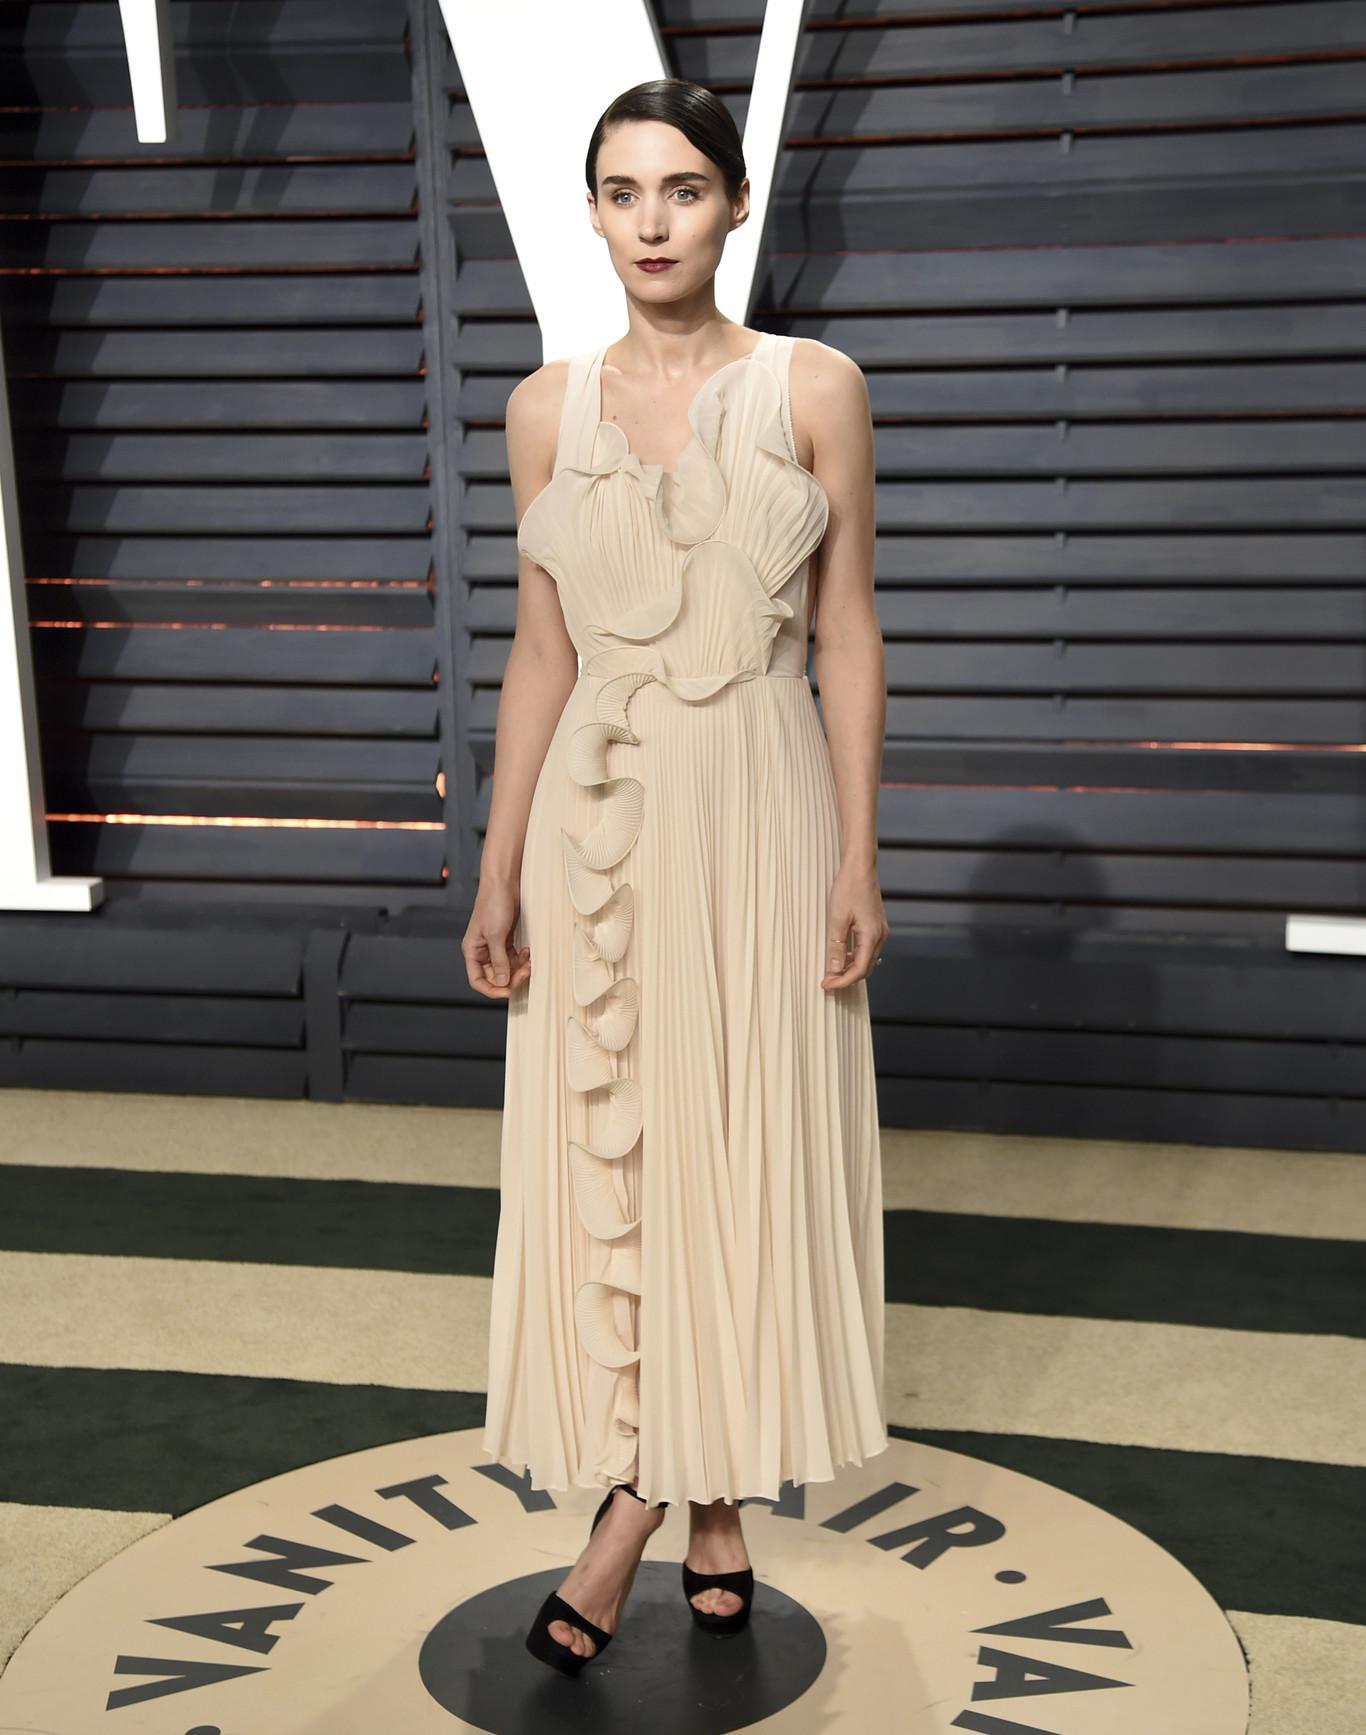 Rooney Mara nem költött sokat a ruhájára, a H&M-ből választott. Ha egyszer az életben valami élénkebb színbe bújna és normálisan kisminkelné magát, annyira szép lehetne..